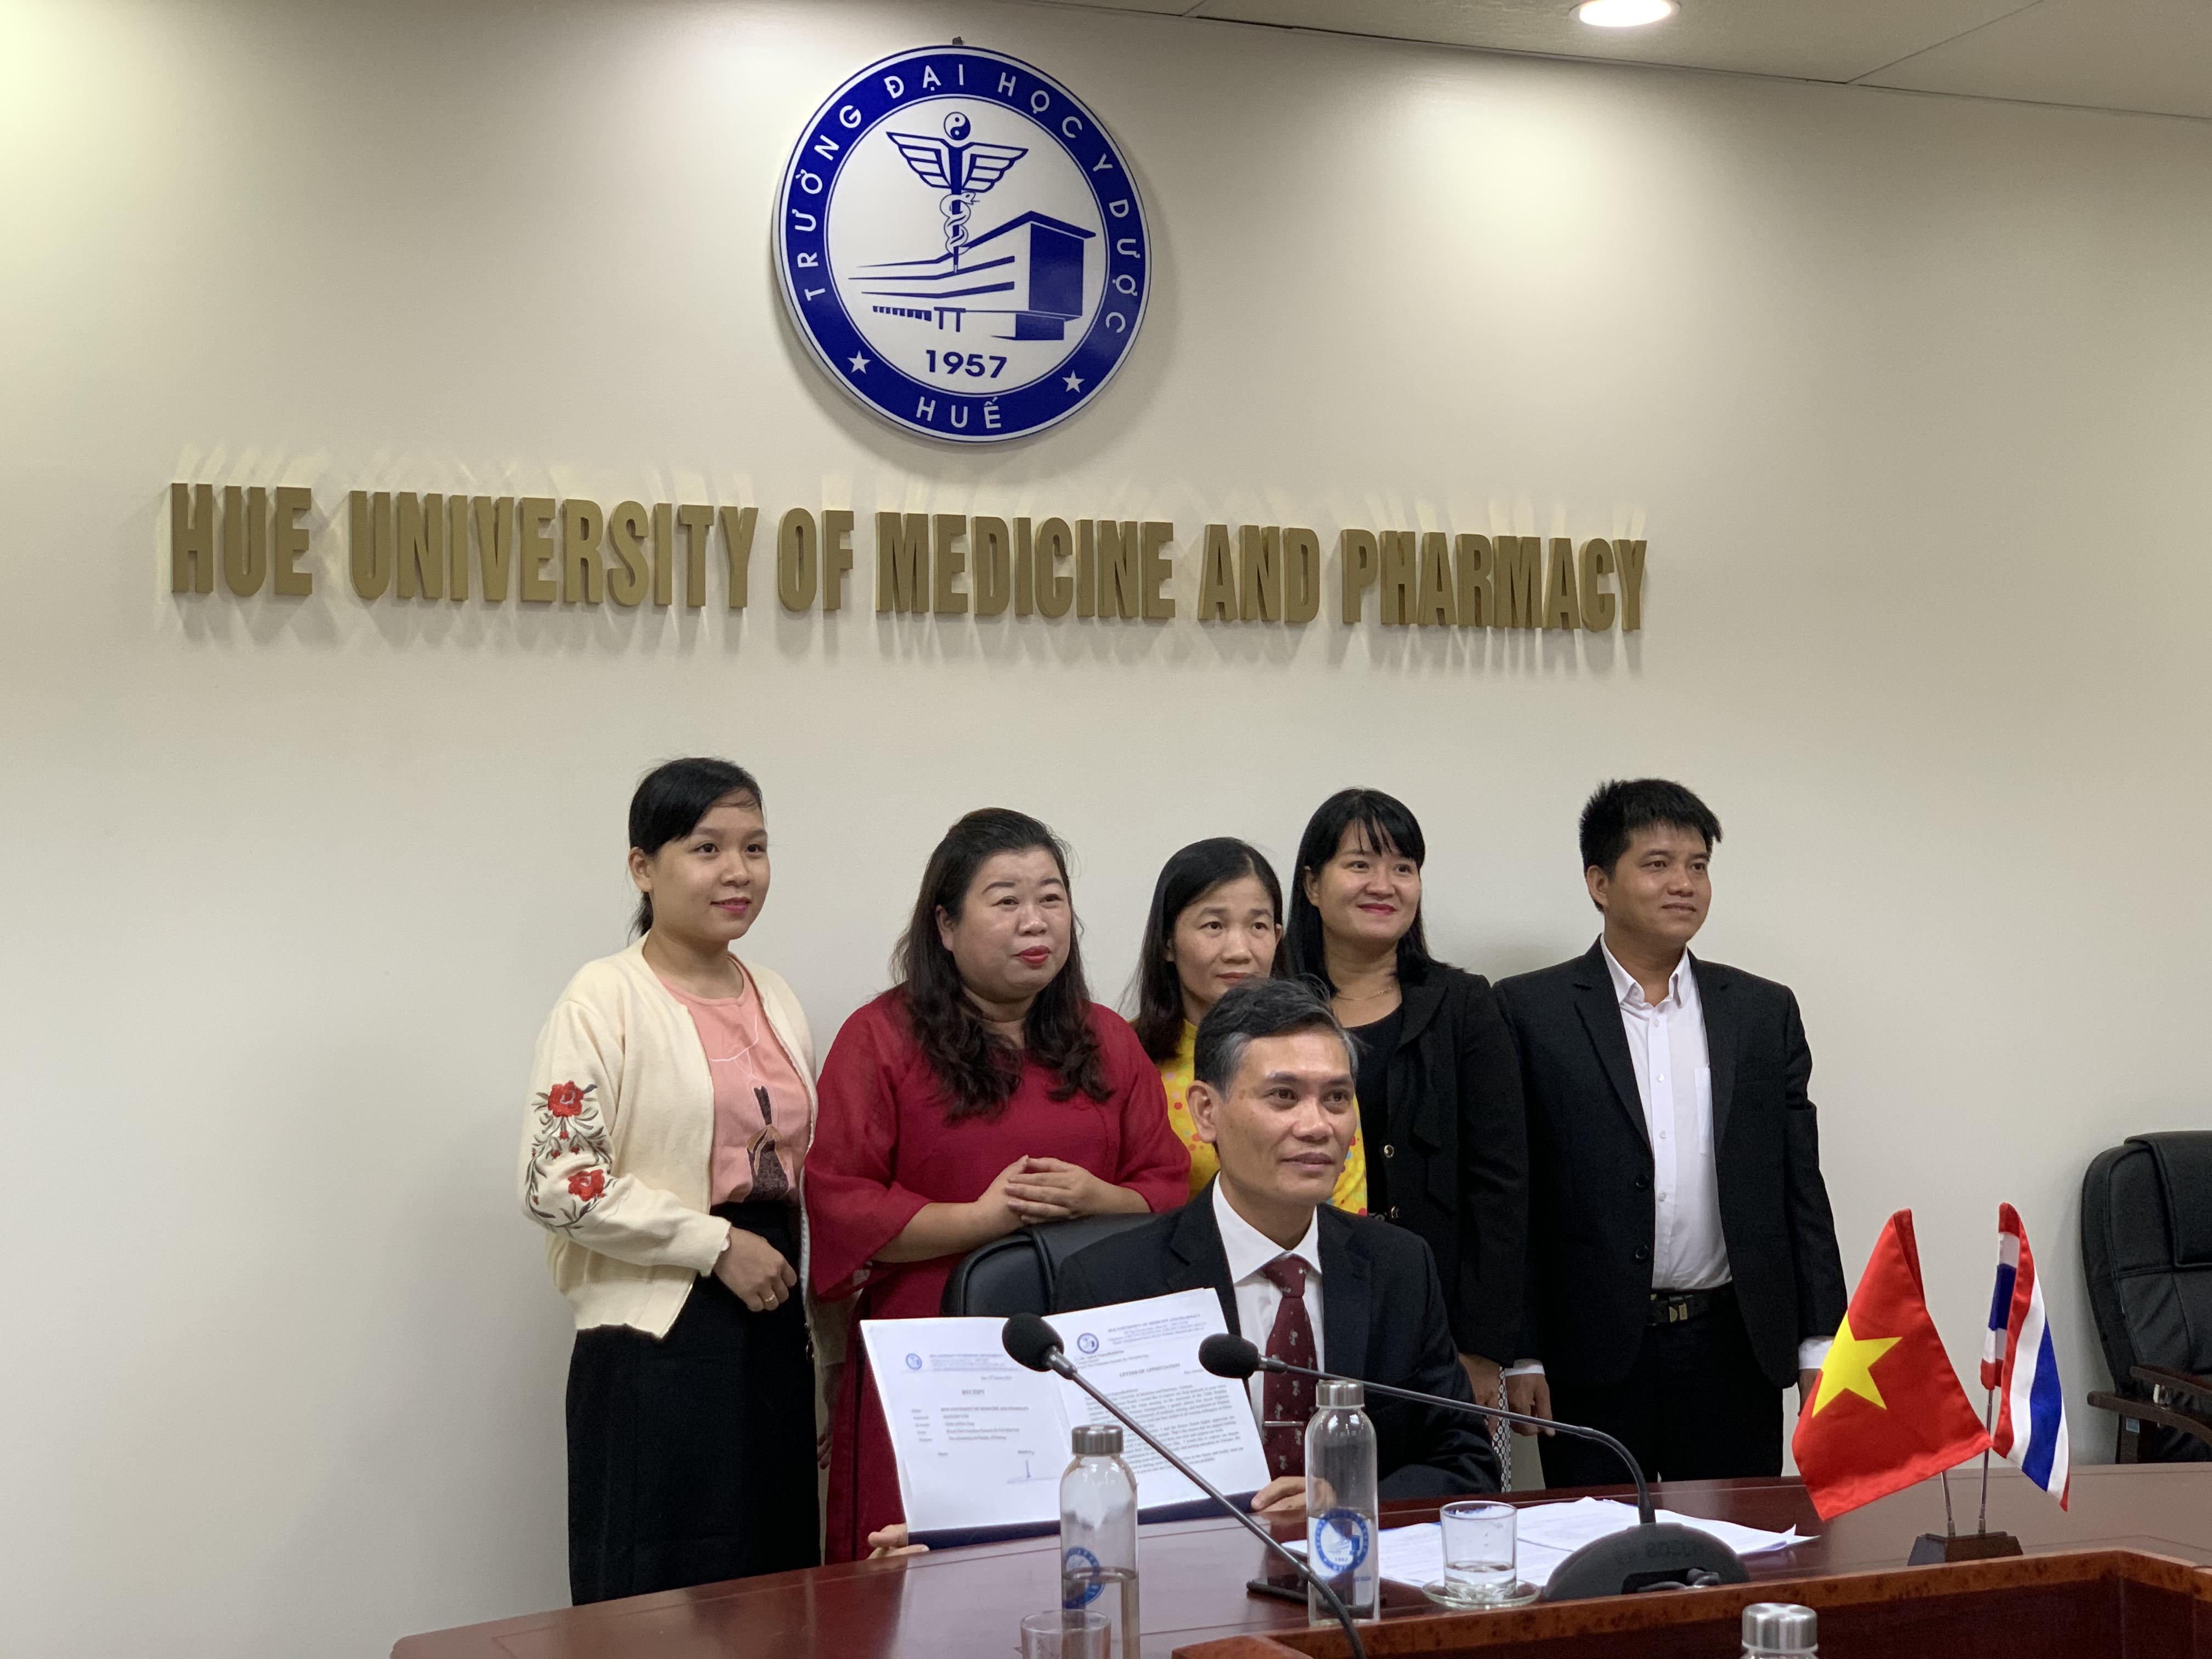 Gặp mặt trực tuyến kỷ niệm ngày Điều dưỡng Thái lan và trao học bổng hoàng gia cho học viên Thạc sỹ điều dưỡng quốc tế